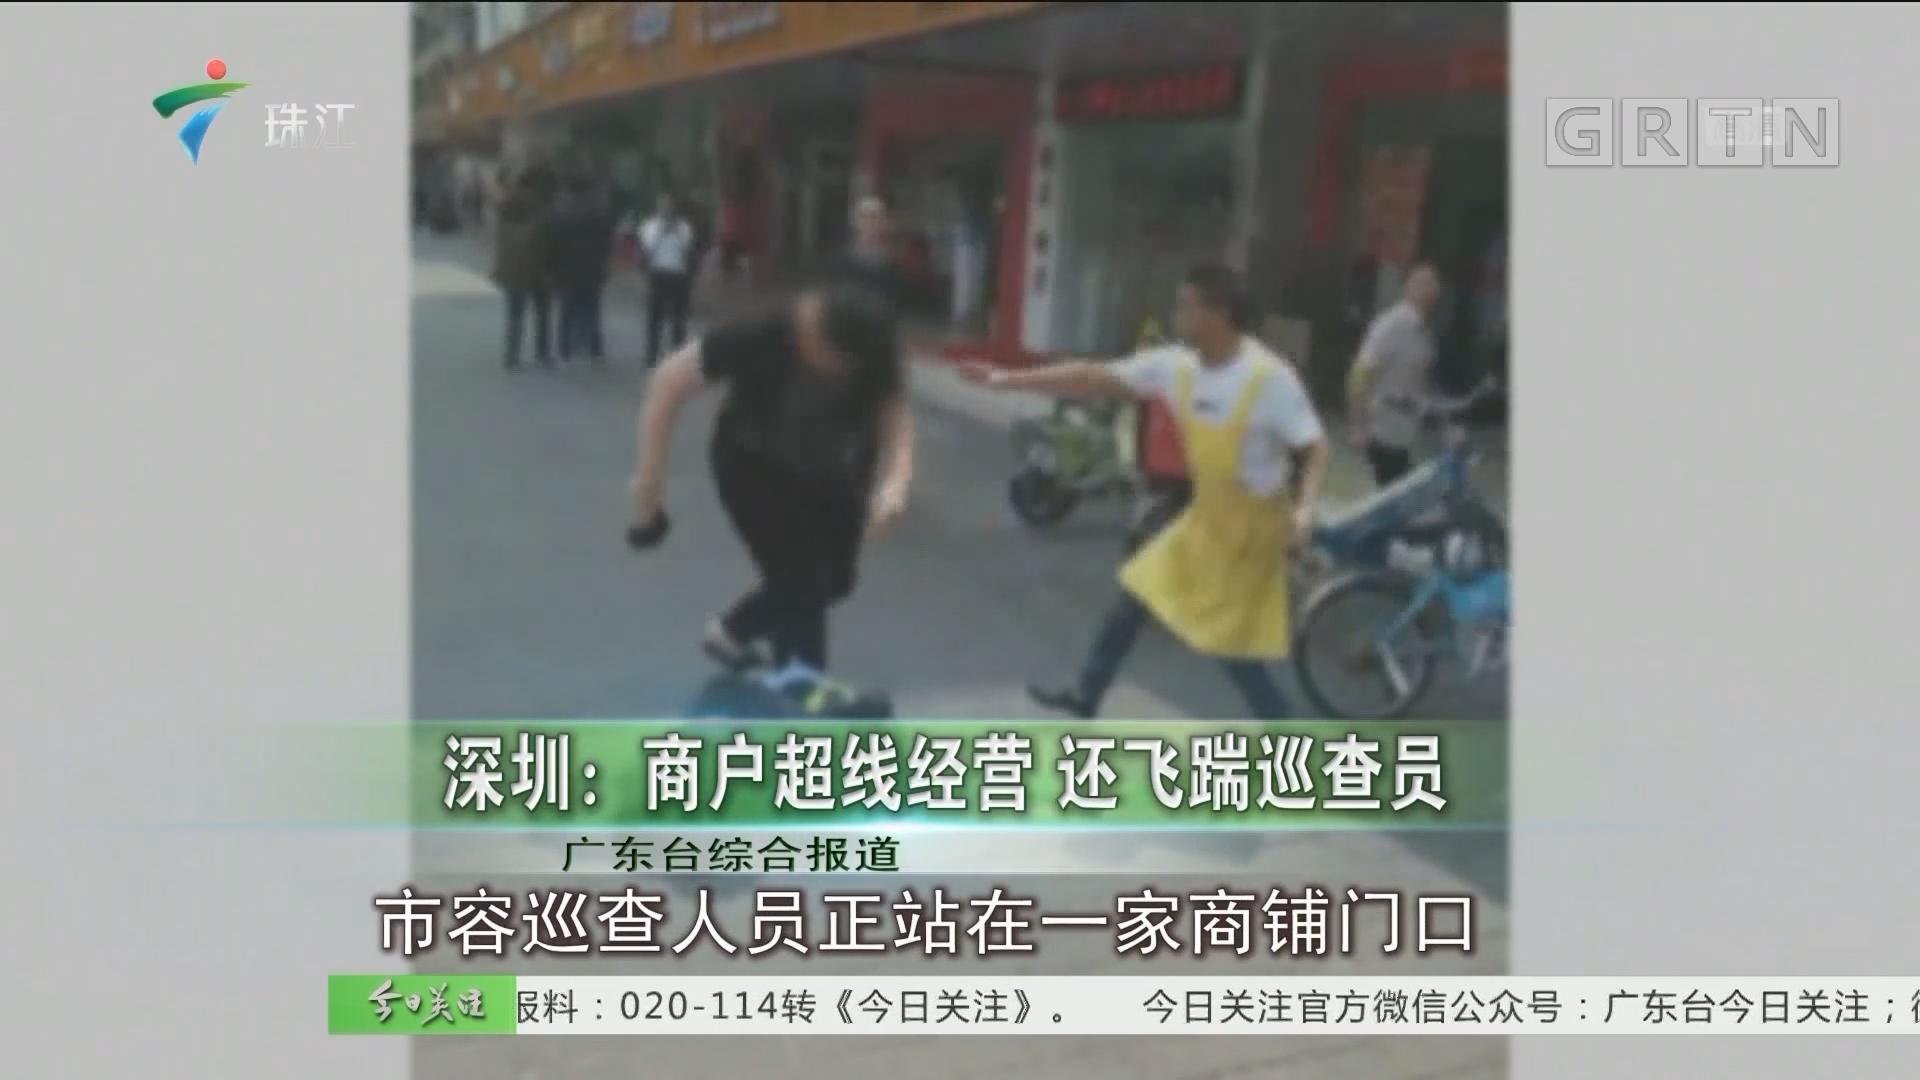 深圳:商户超线经营 还飞踹巡查员